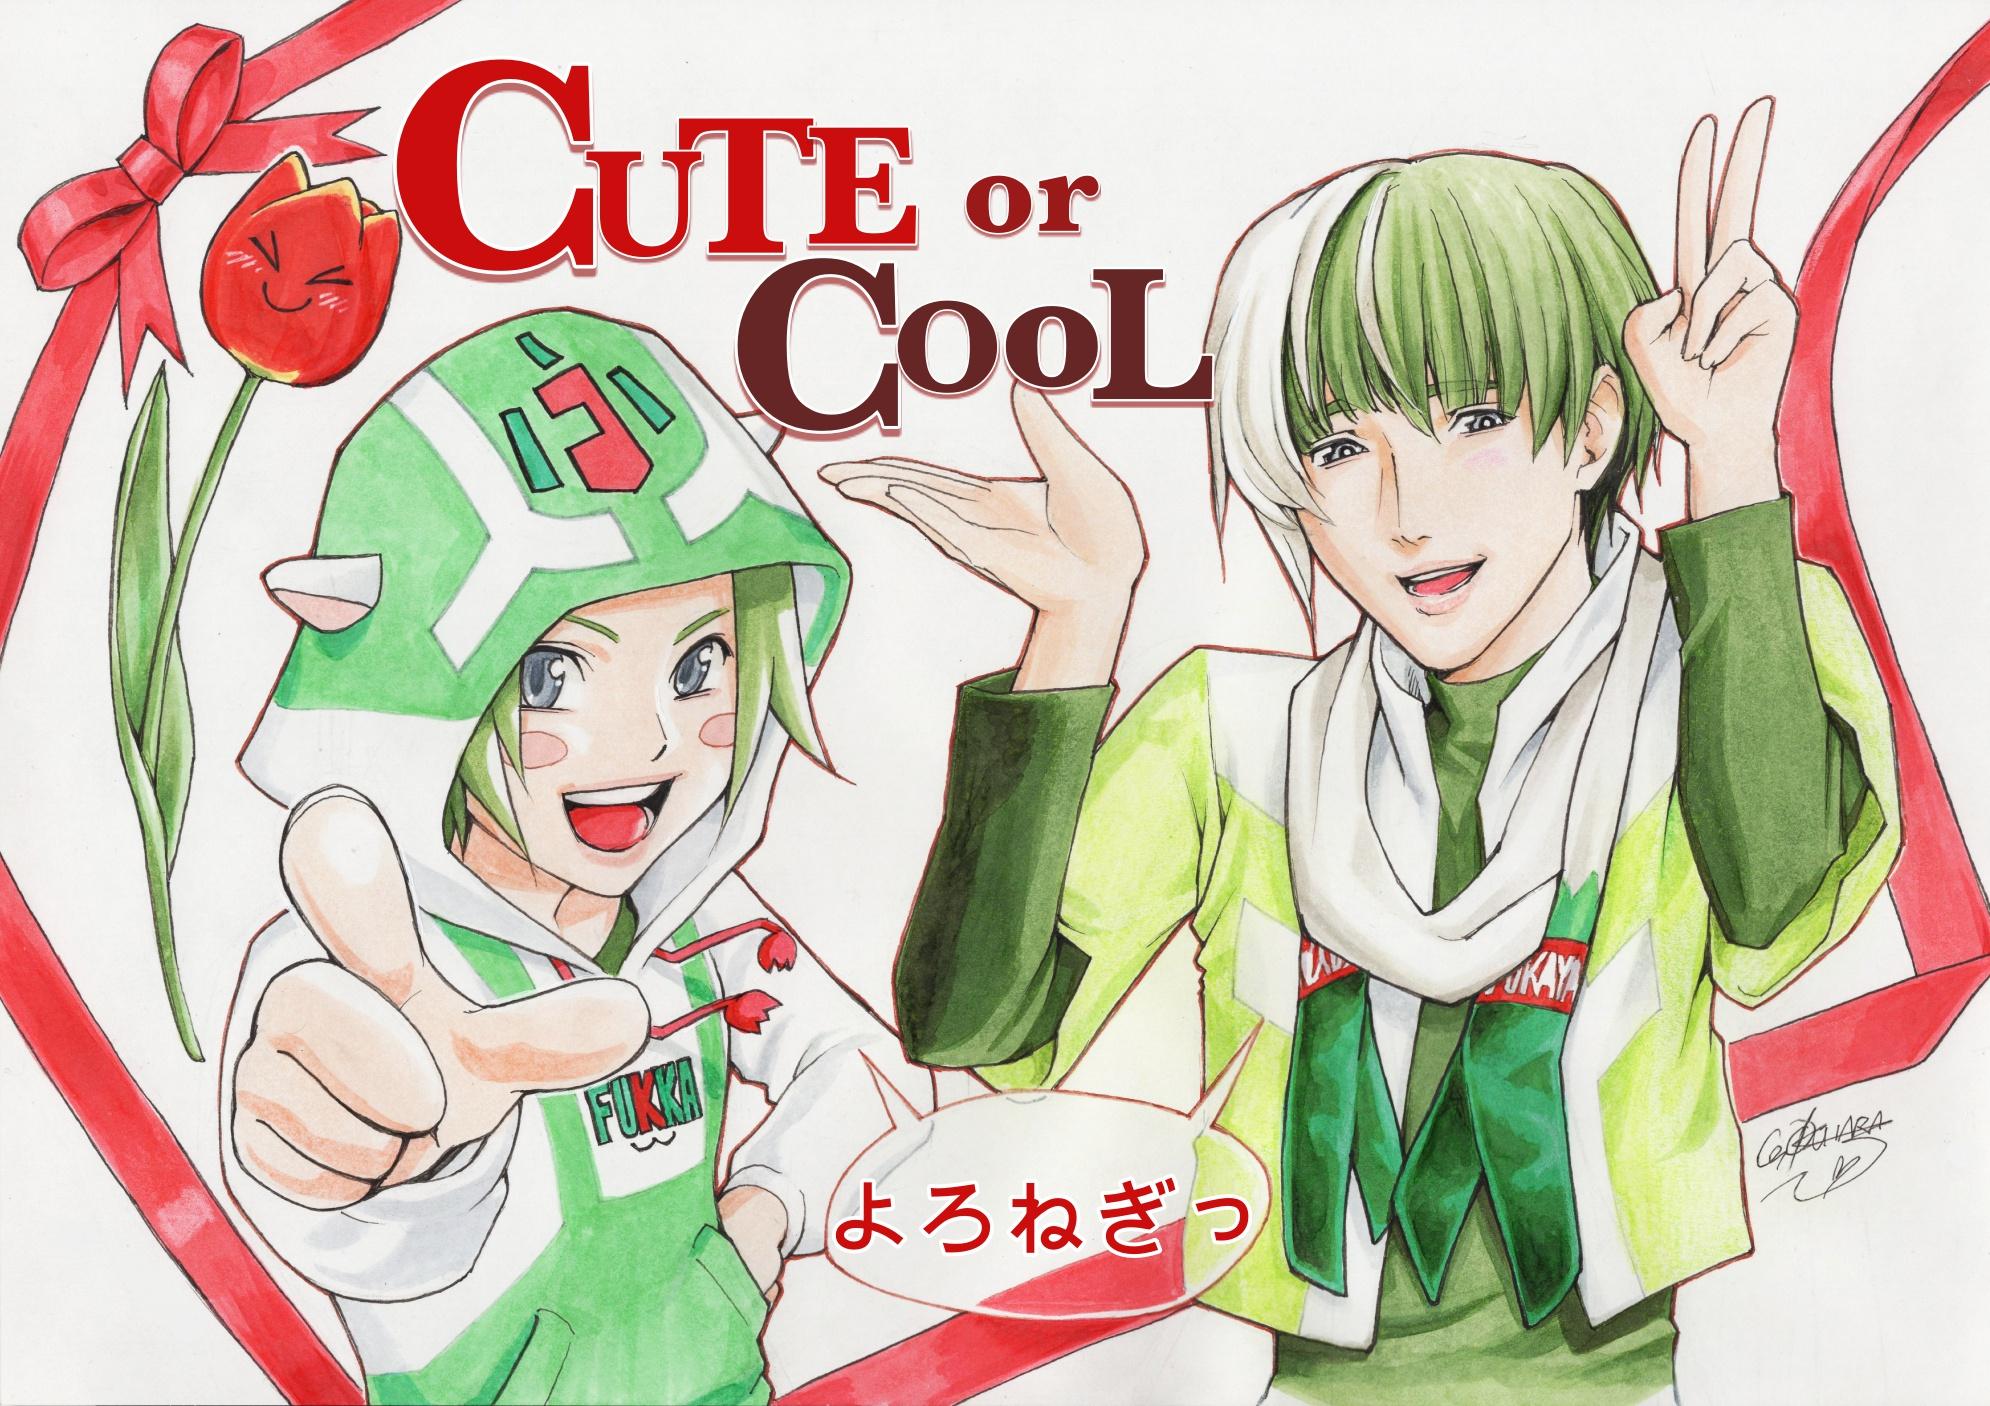 「CUTE or COOL」イケメンふっかちゃん企画告知用イラスト